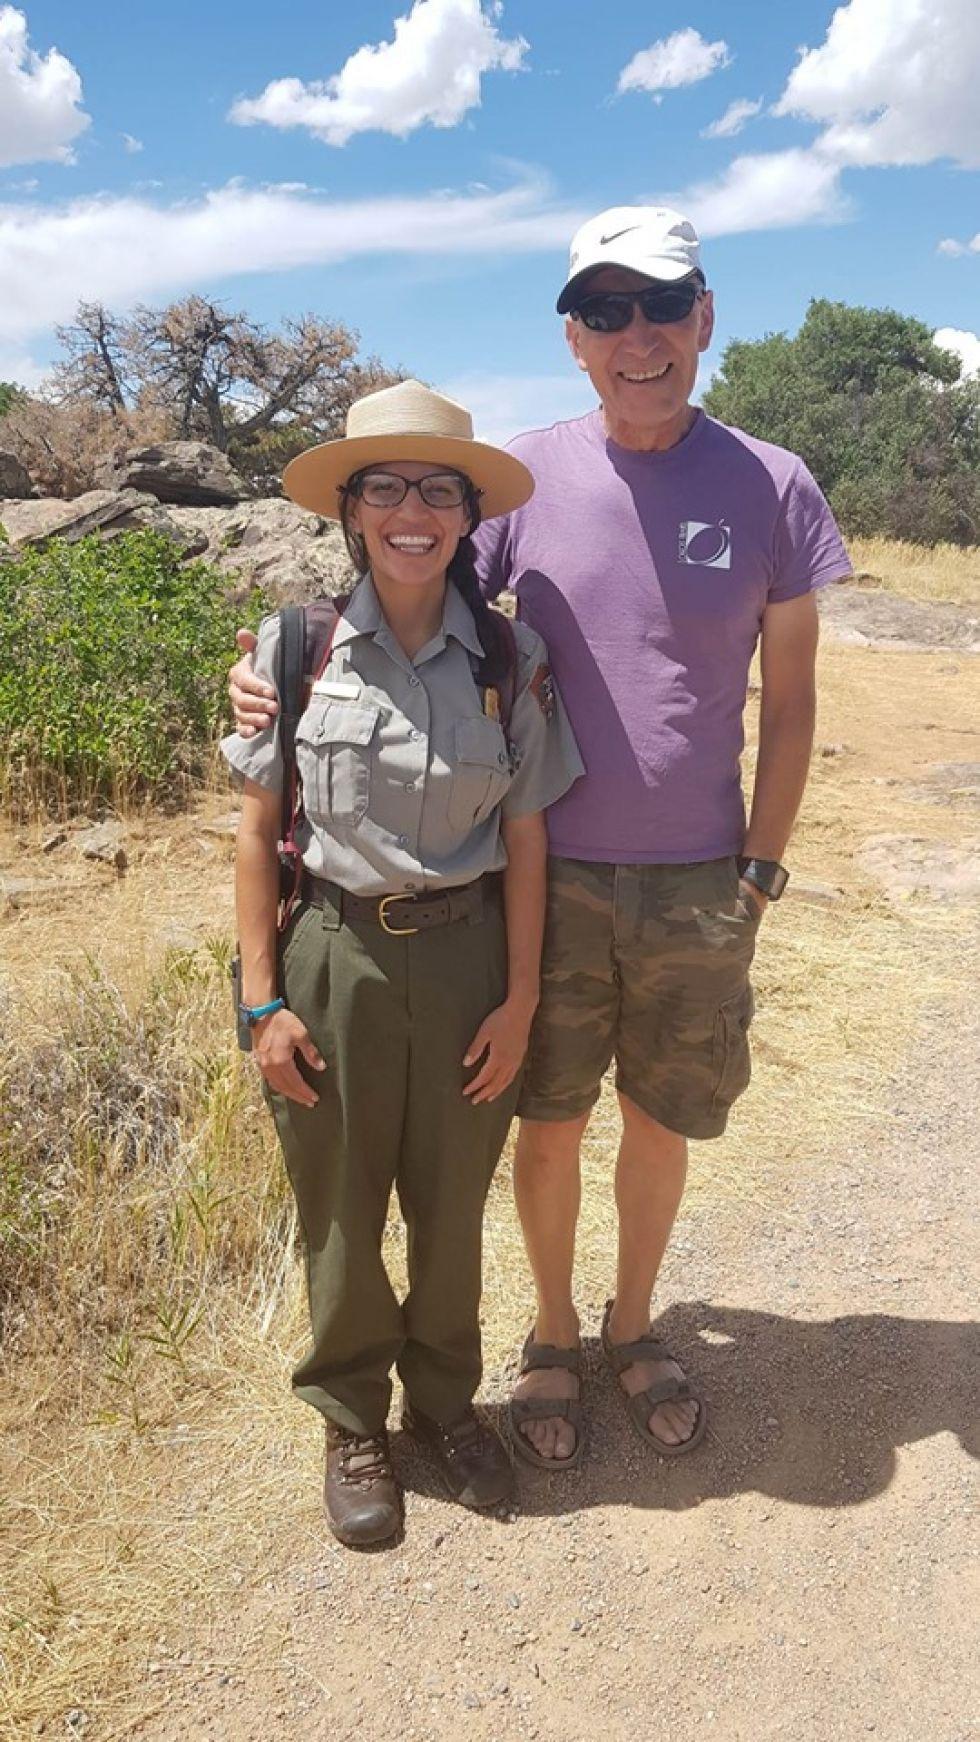 nasz pilot emilian ze strazniczka parku narodowego w stanach zjednoczonych